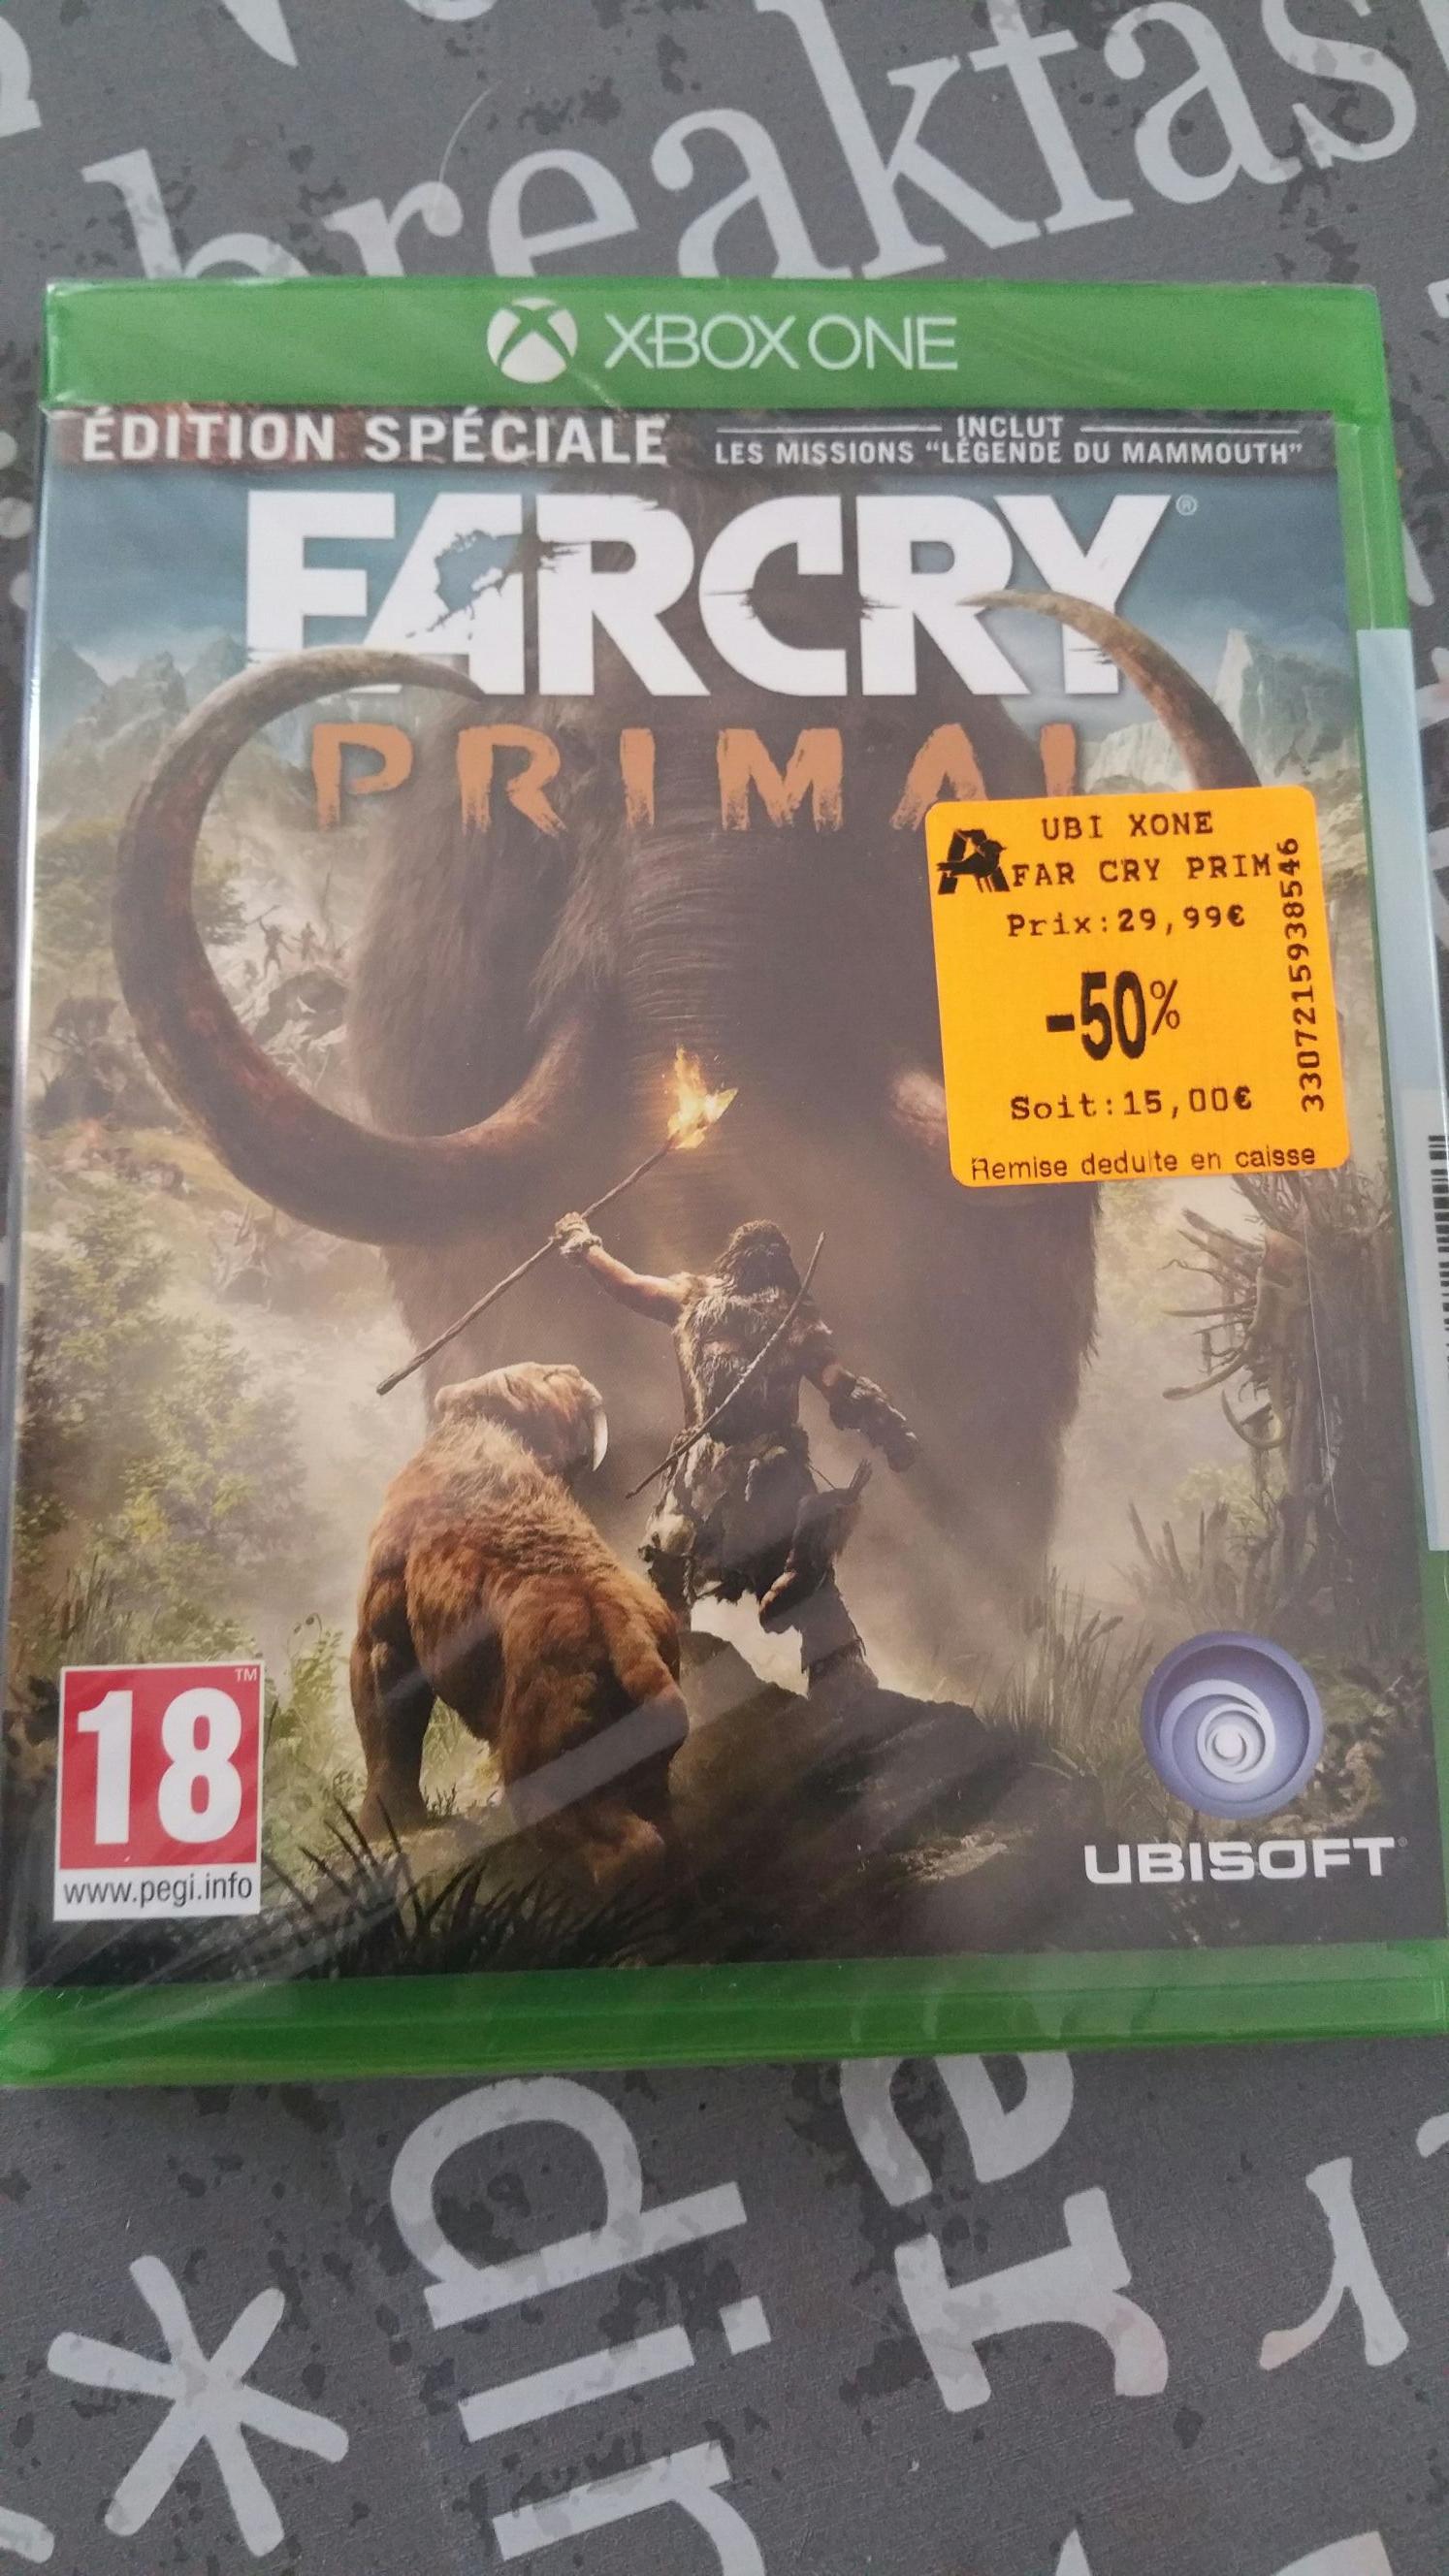 Jeu Far cry Primal - Edition spéciale sur Xbox One